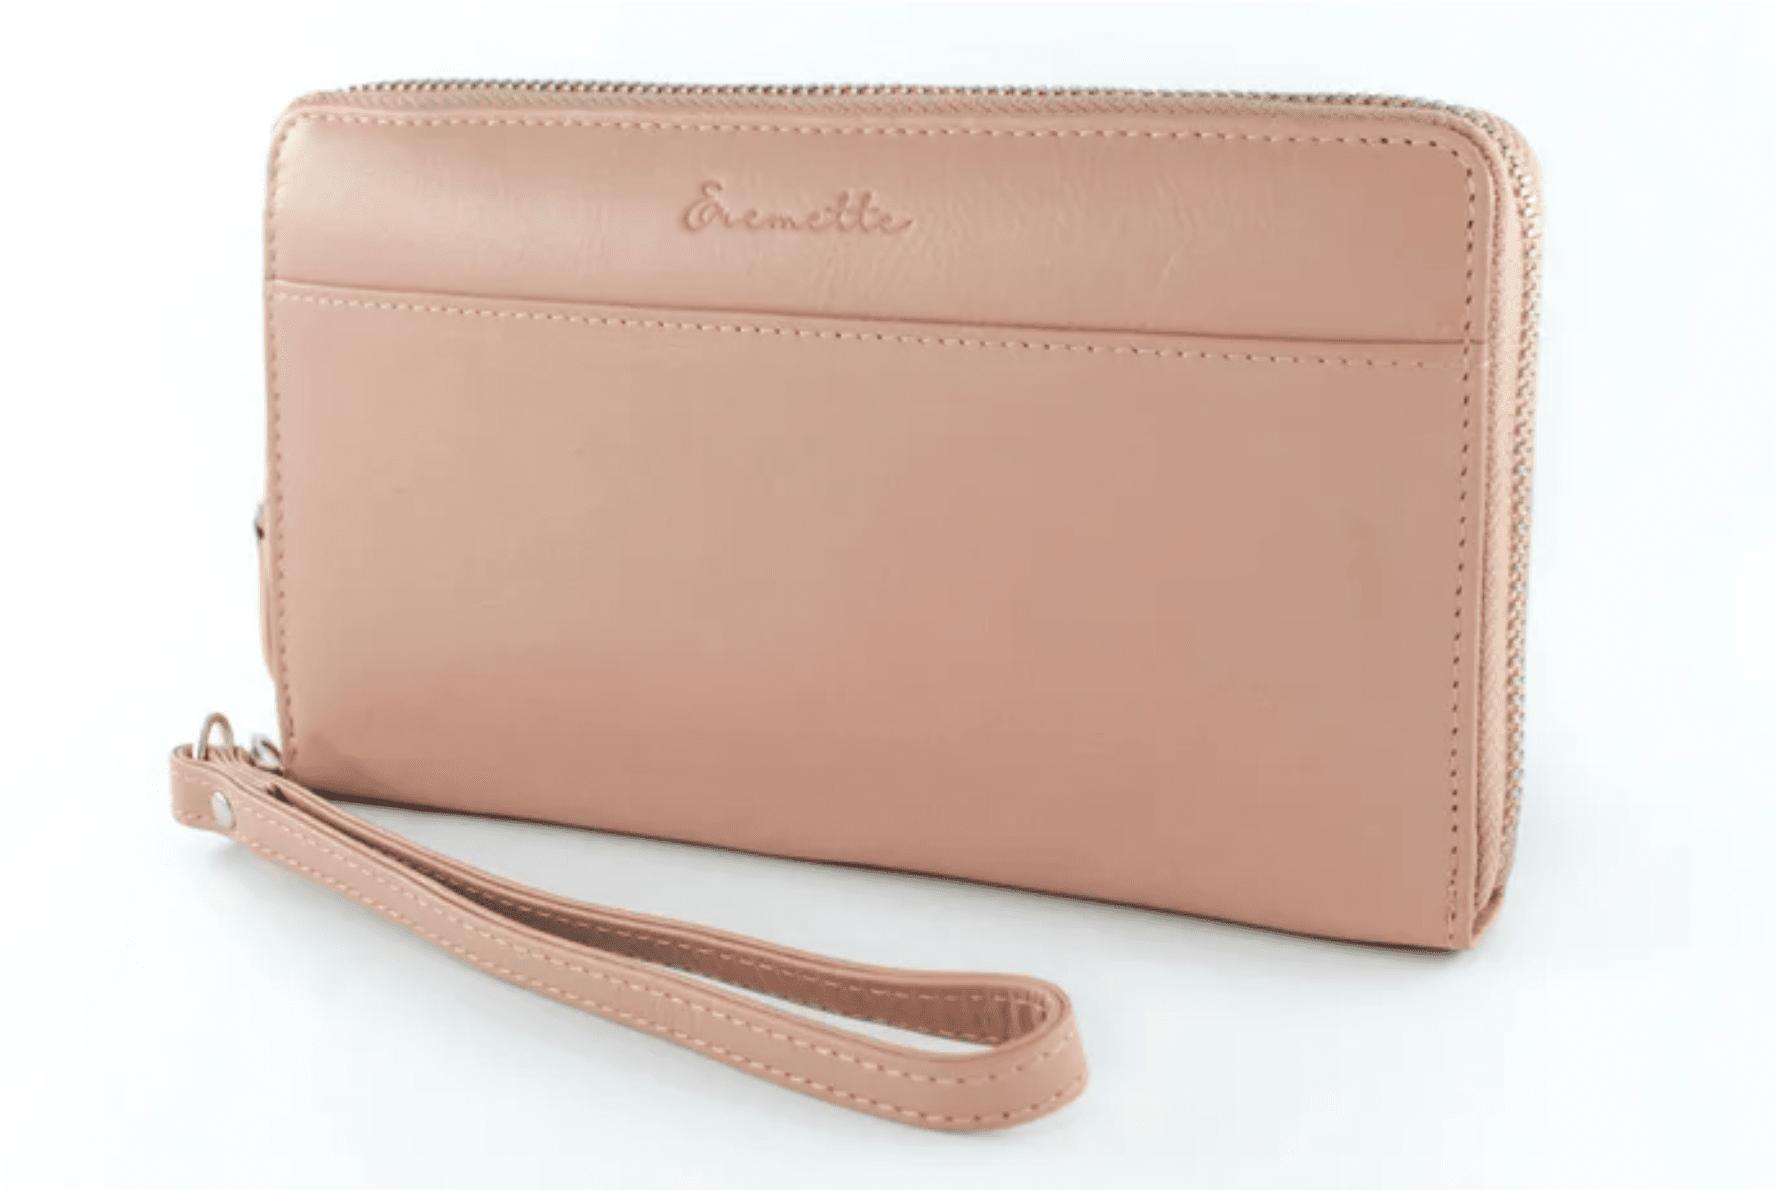 Женский кошелек  из натуральной кожи EREMETTE 40633  PINK